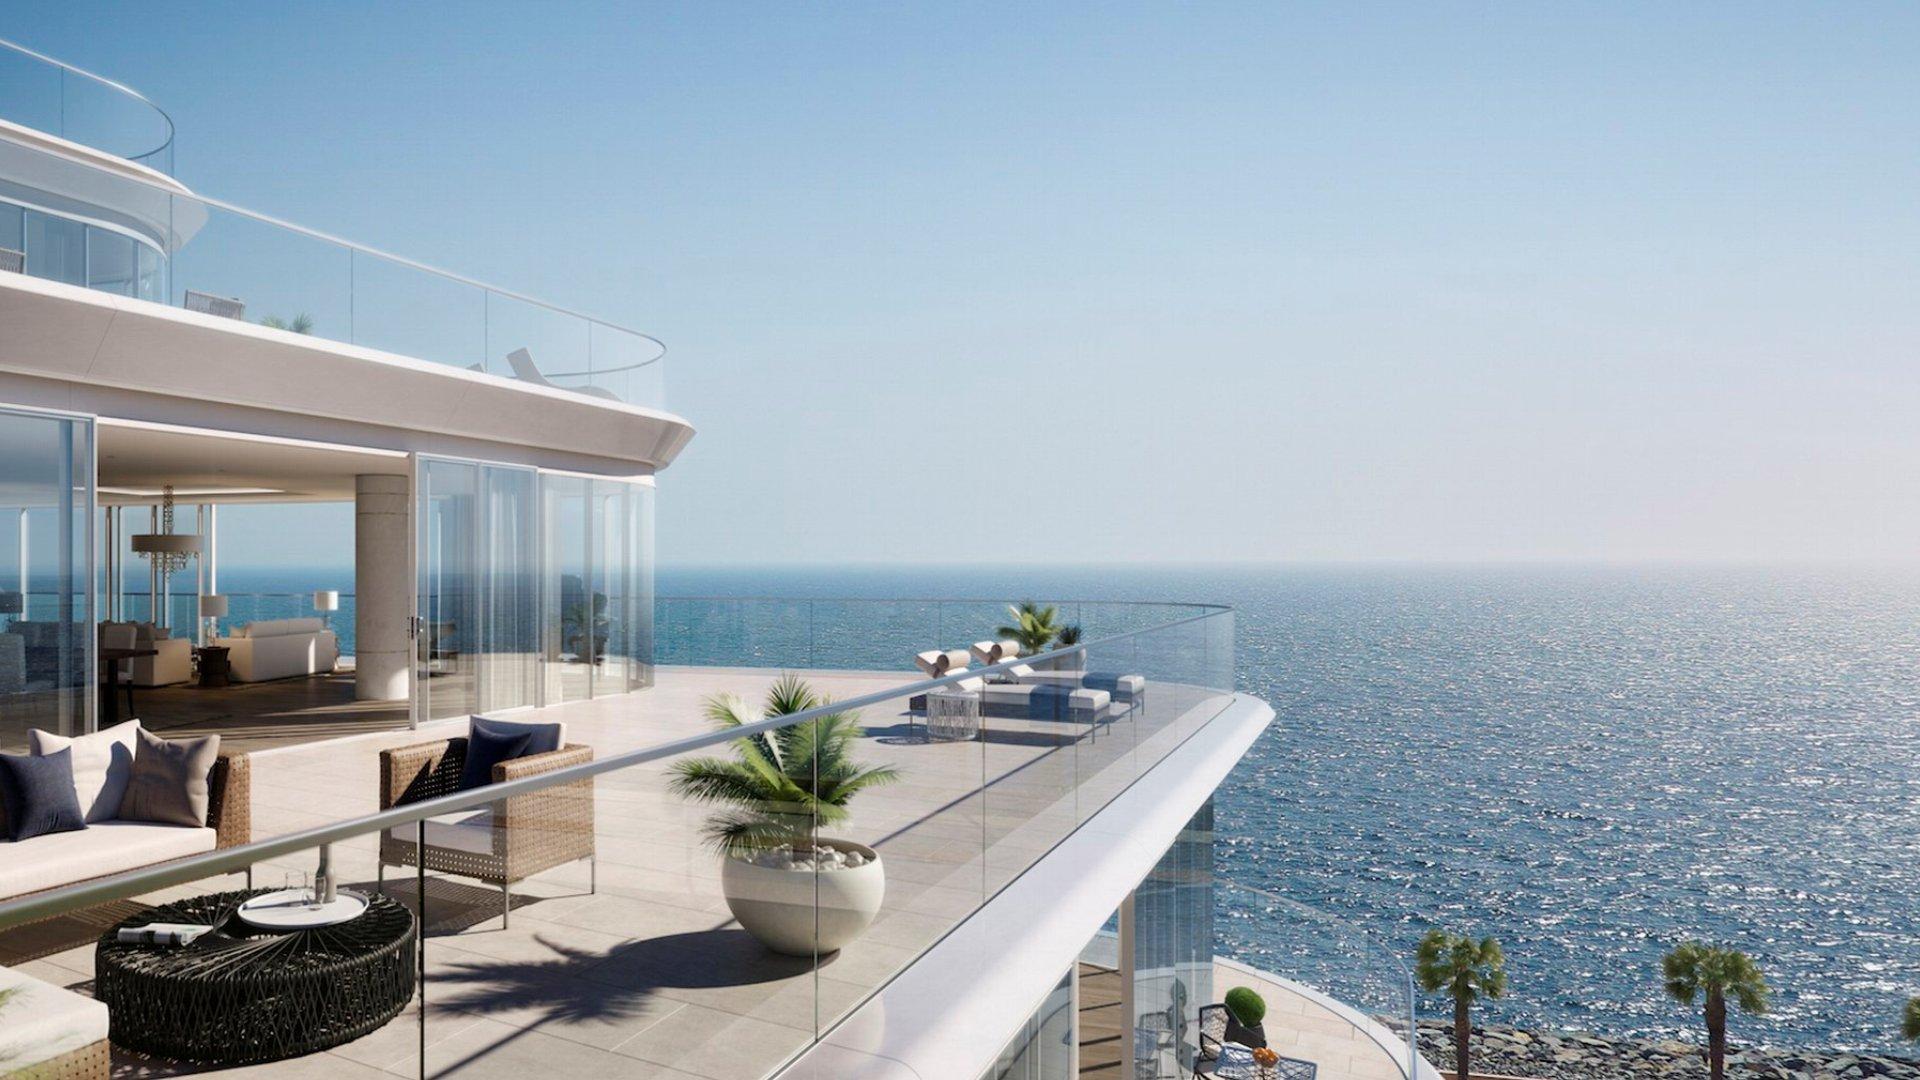 Ático en venta en Dubai, EAU, 3 dormitorios, 556 m2, № 24314 – foto 3